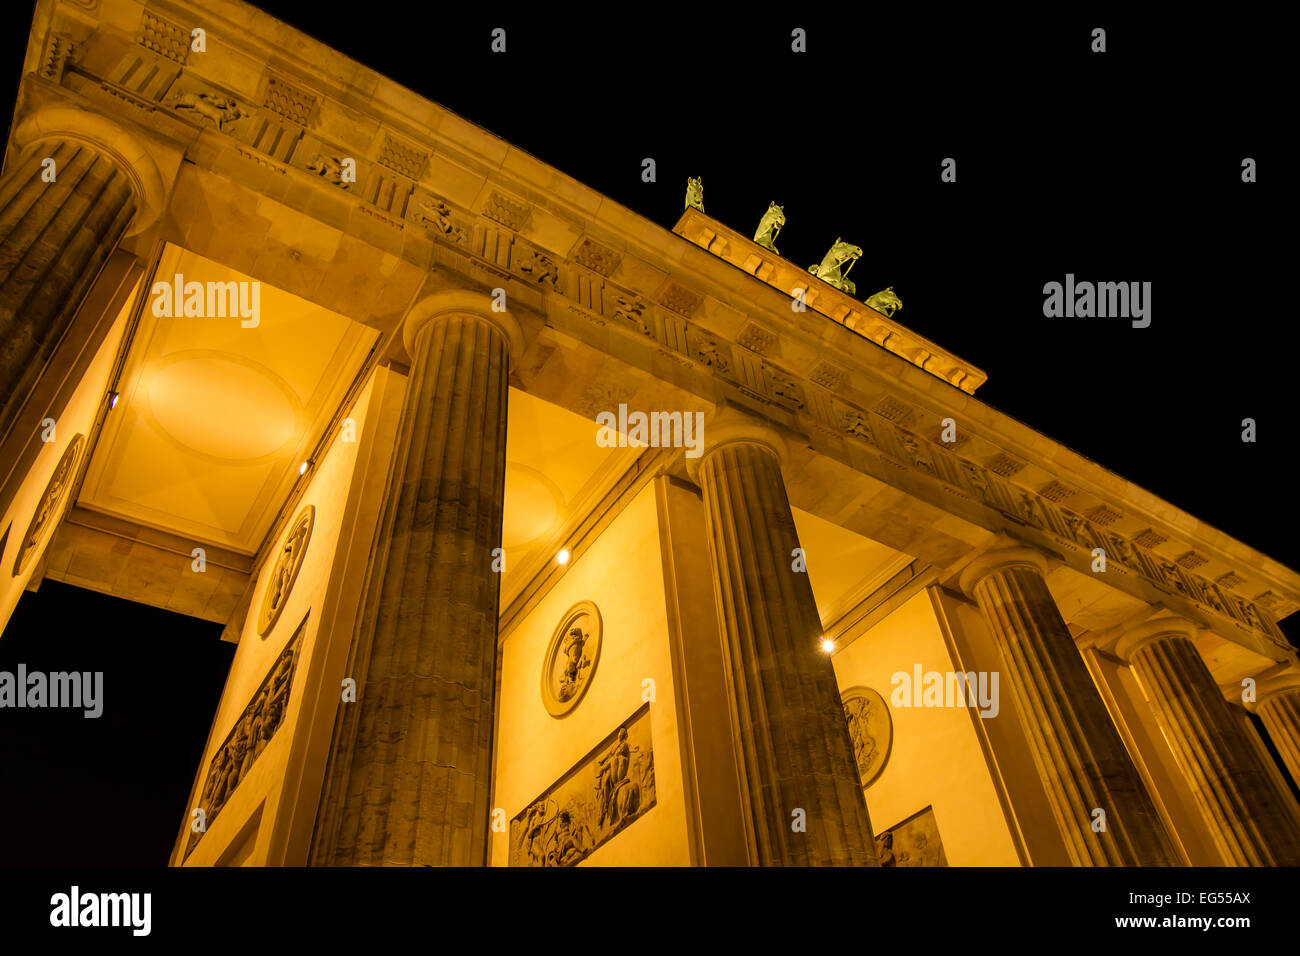 La porte de Brandebourg dans la nuit, à Berlin, Allemagne Banque D'Images